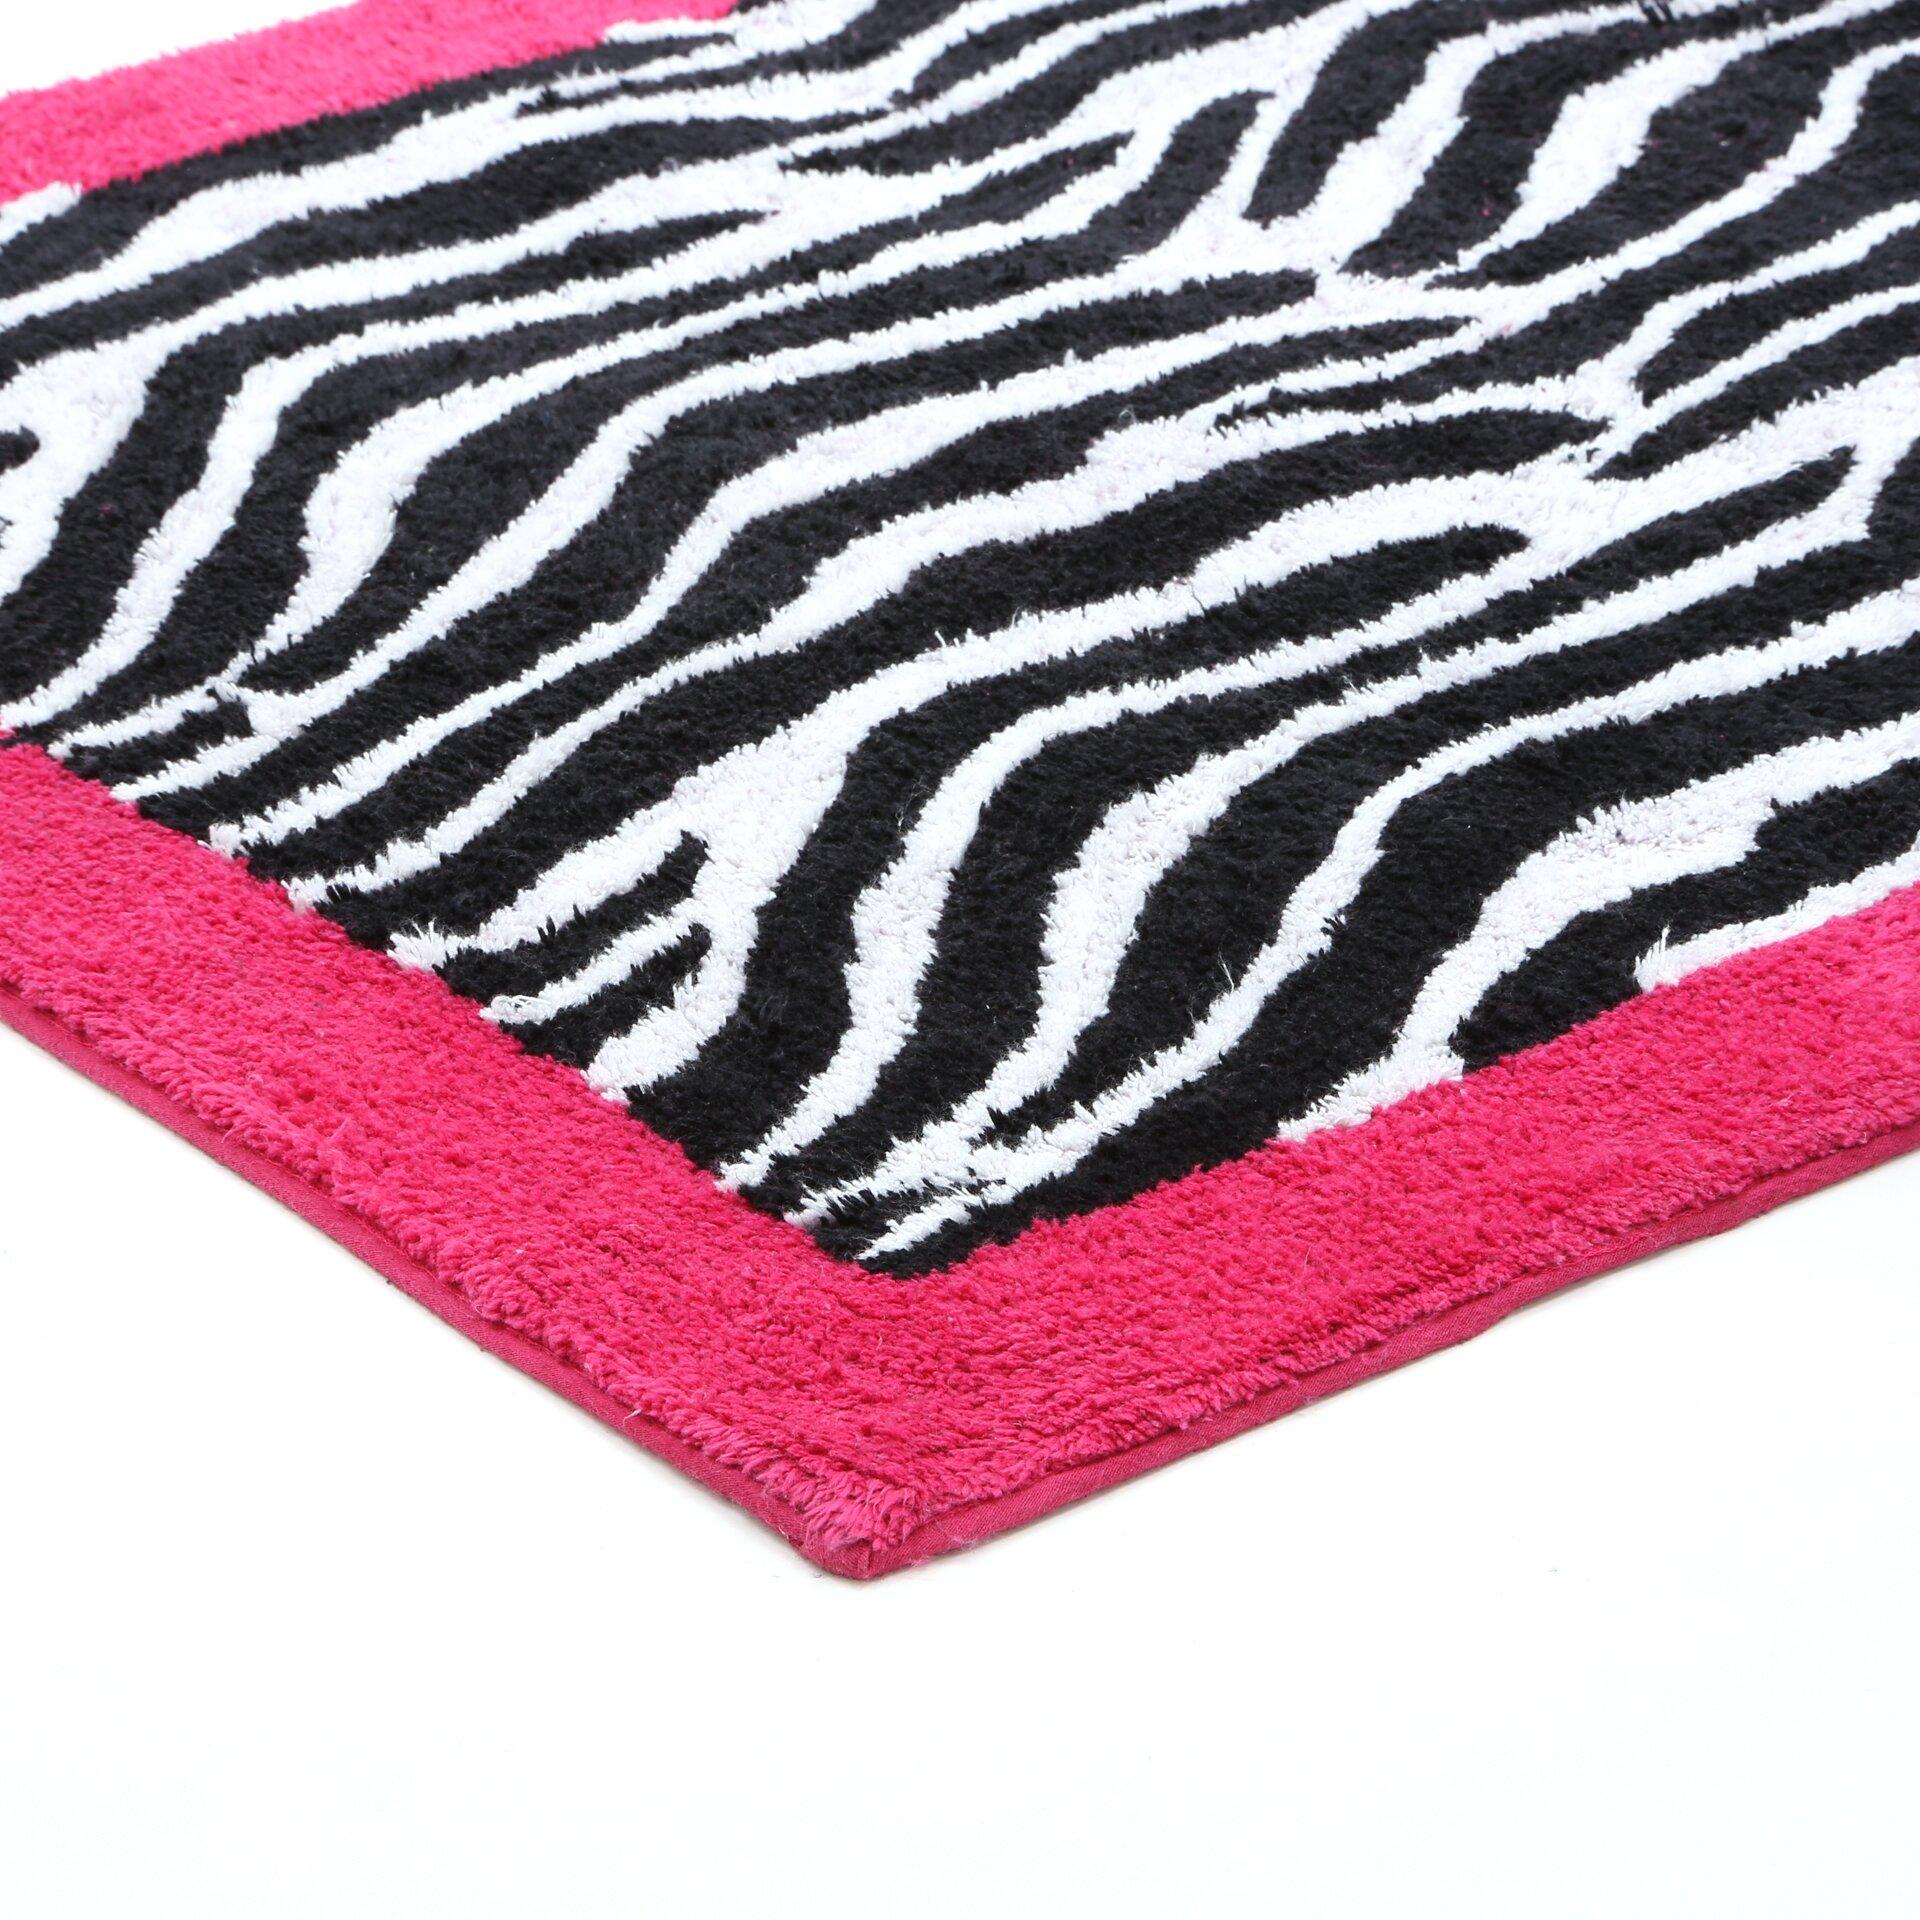 Zebra Rug Wayfair: Sweet Jojo Designs Zebra Floor Pink Area Rug & Reviews